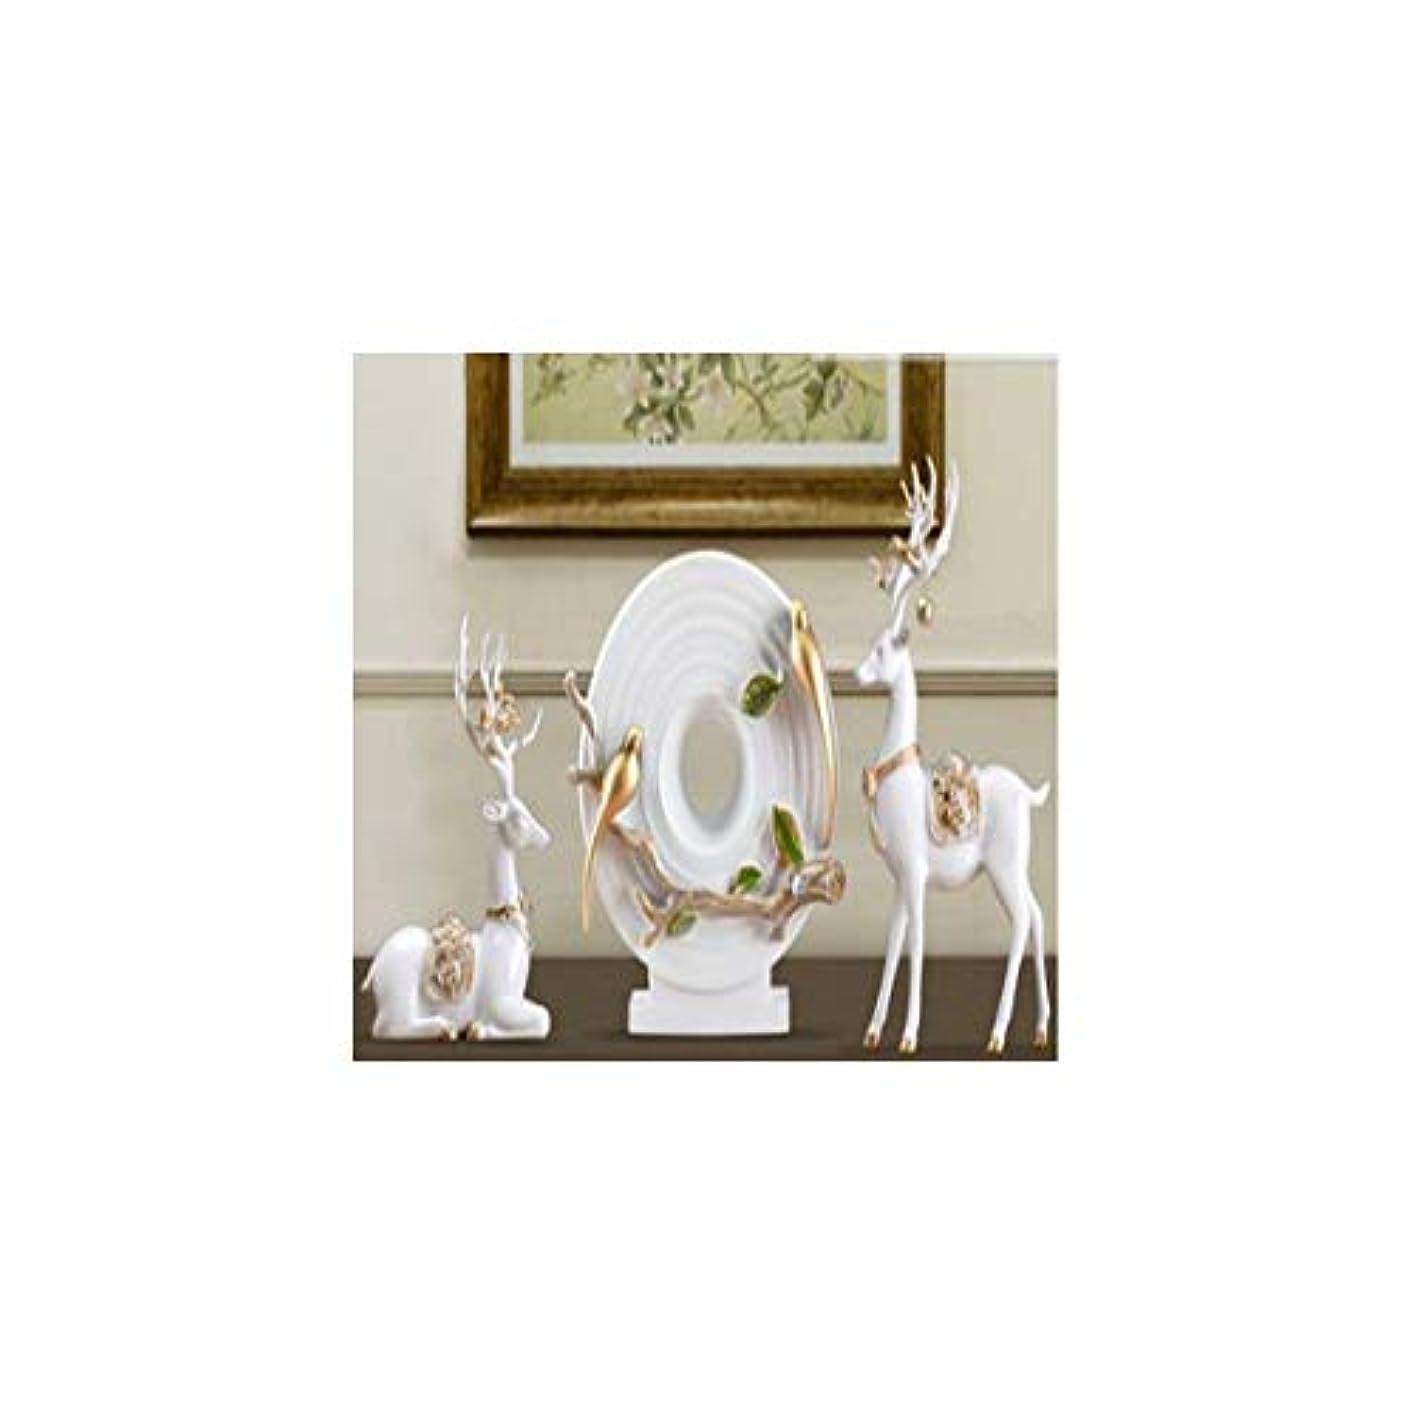 なめらかな素晴らしい正規化Chengjinxiang クリエイティブアメリカン鹿の装飾品花瓶リビングルーム新しい家の結婚式のギフトワインキャビネットテレビキャビネットホームソフト装飾家具,クリエイティブギフト (Color : D)